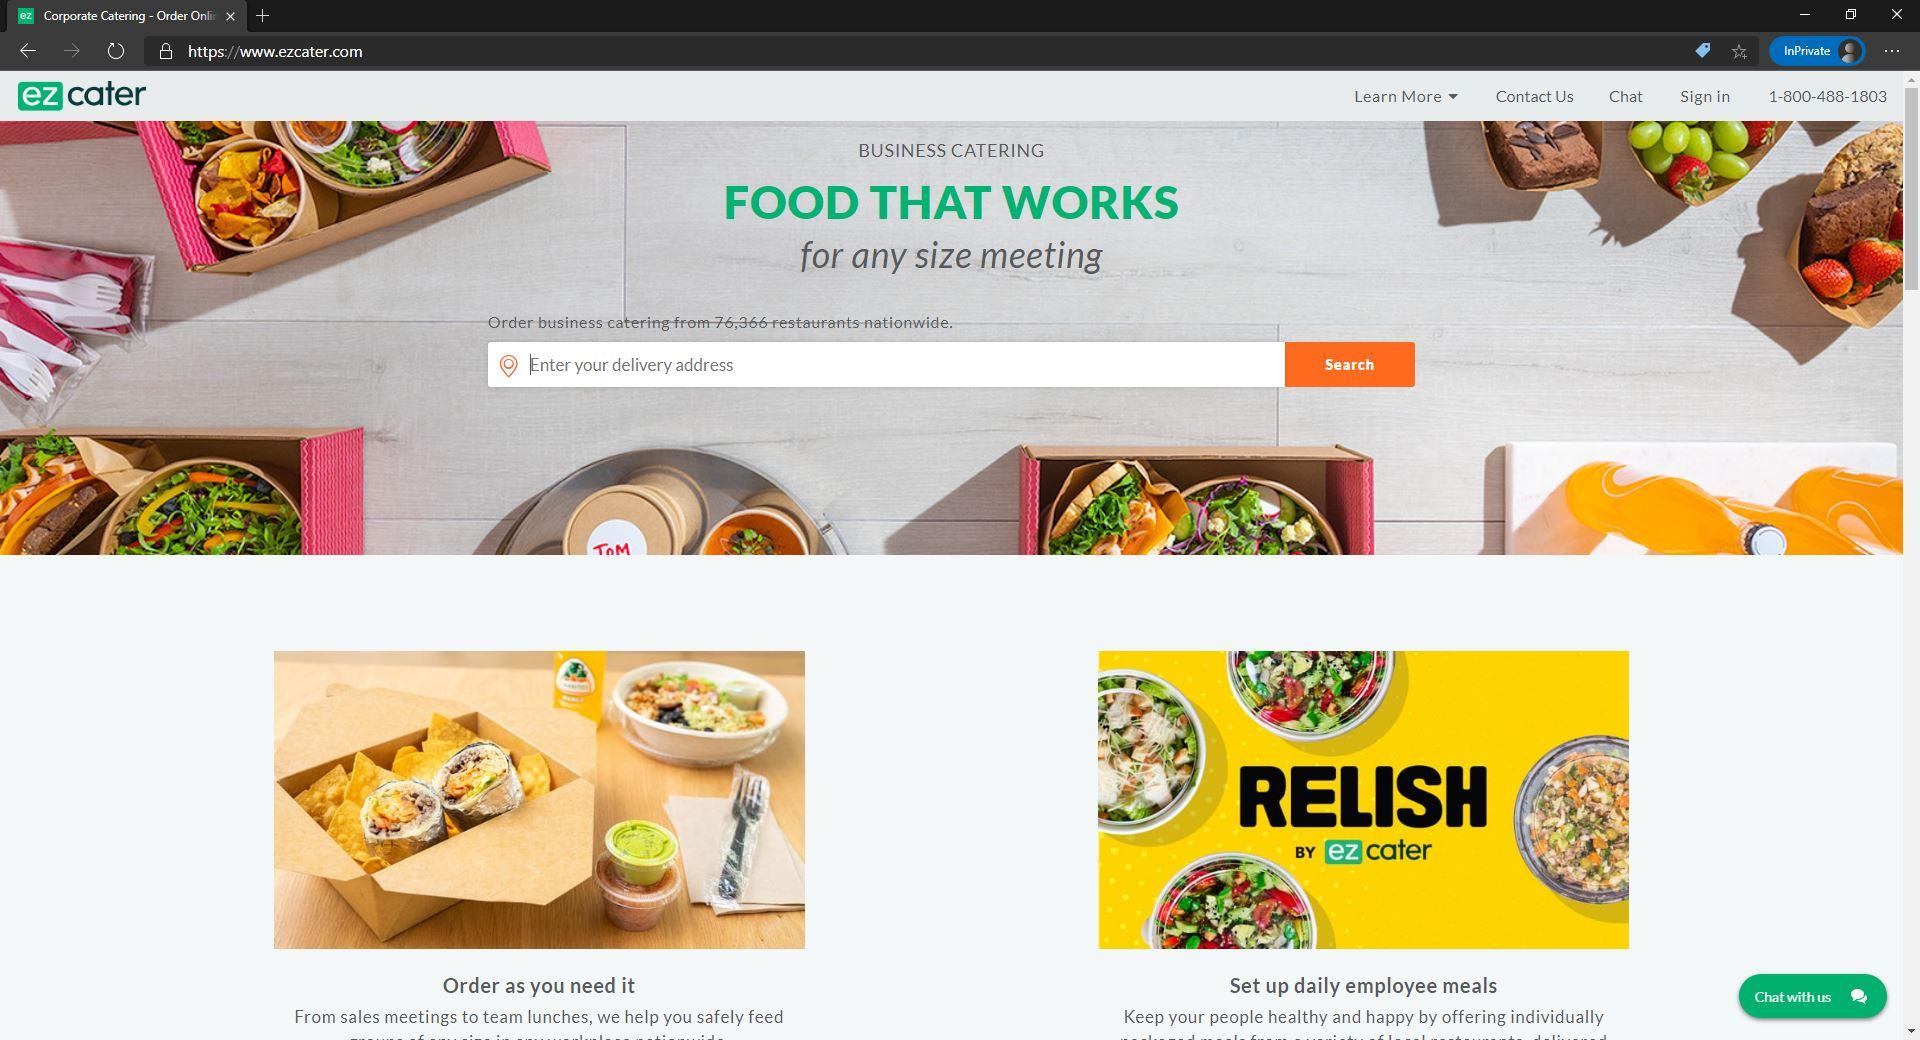 ezCater website